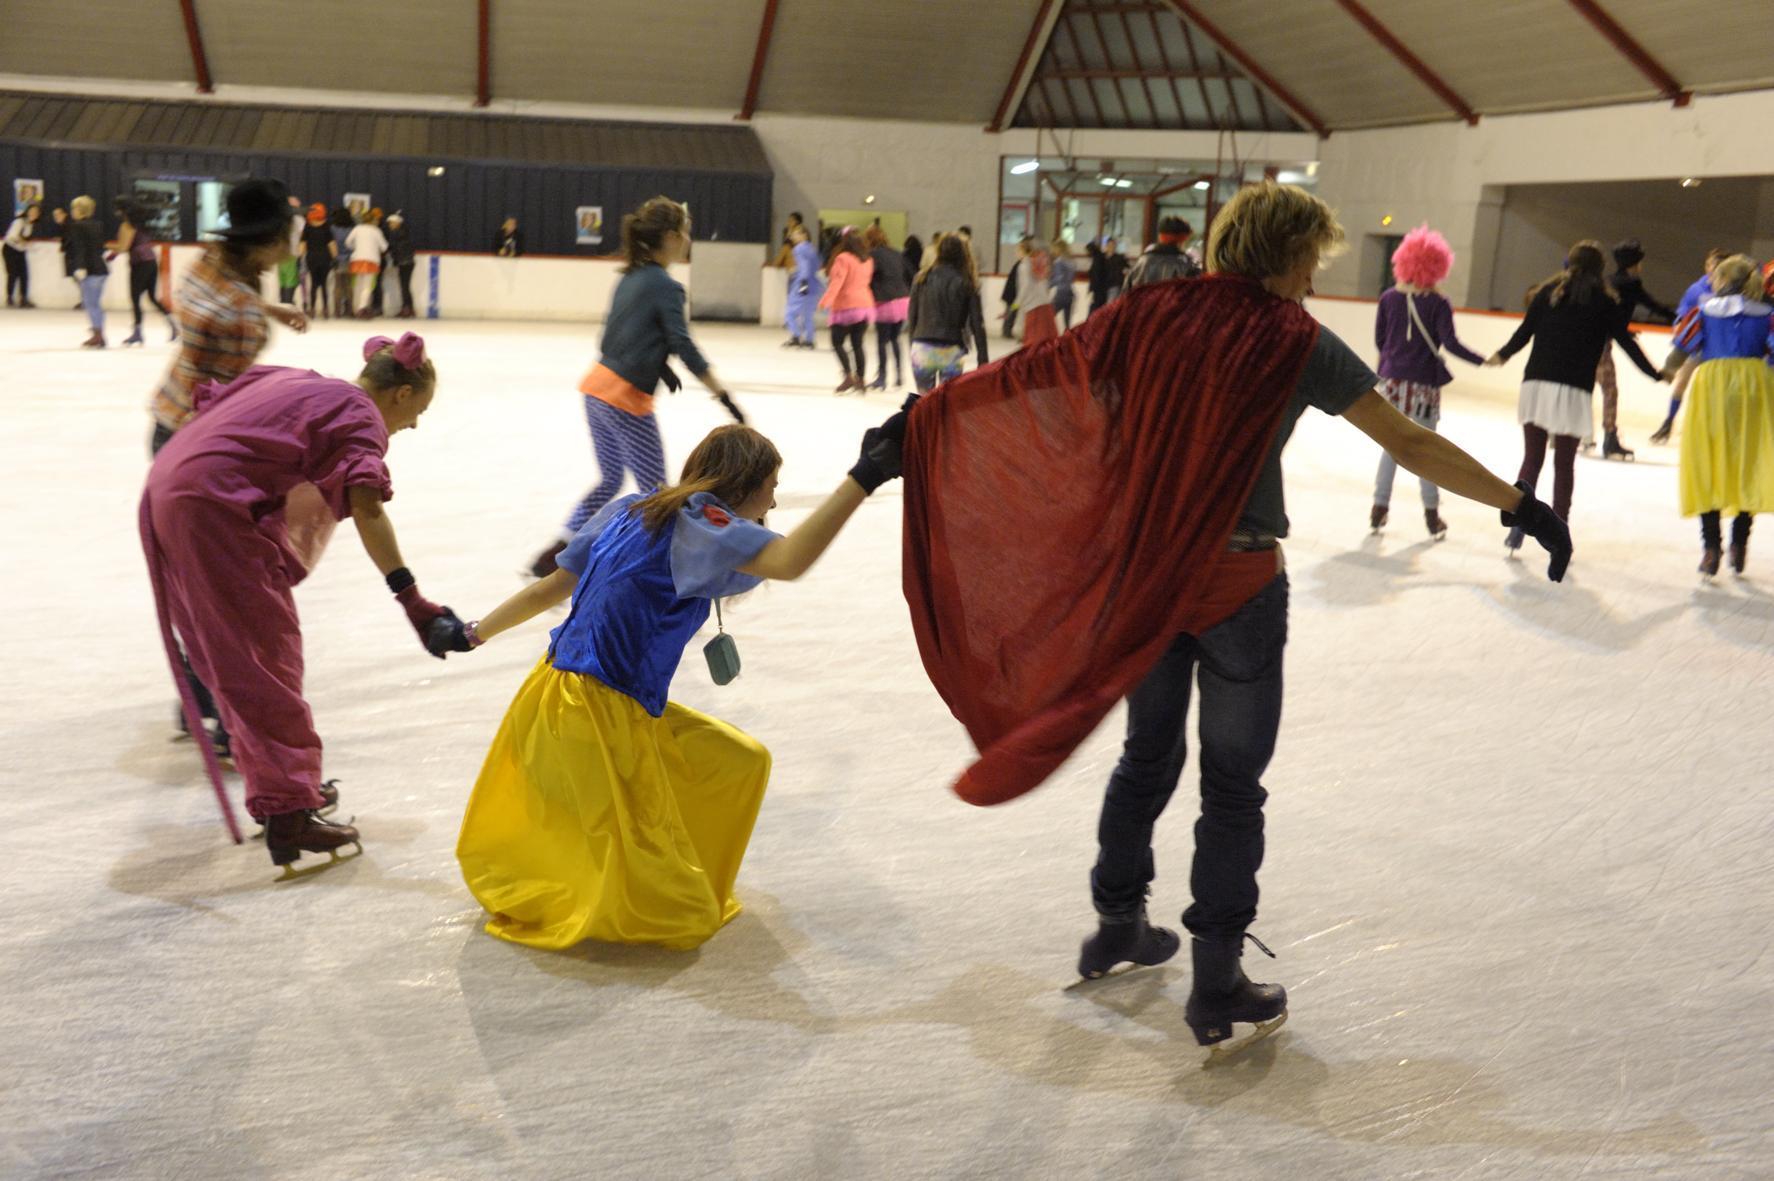 Soirée déguisée à la patinoire